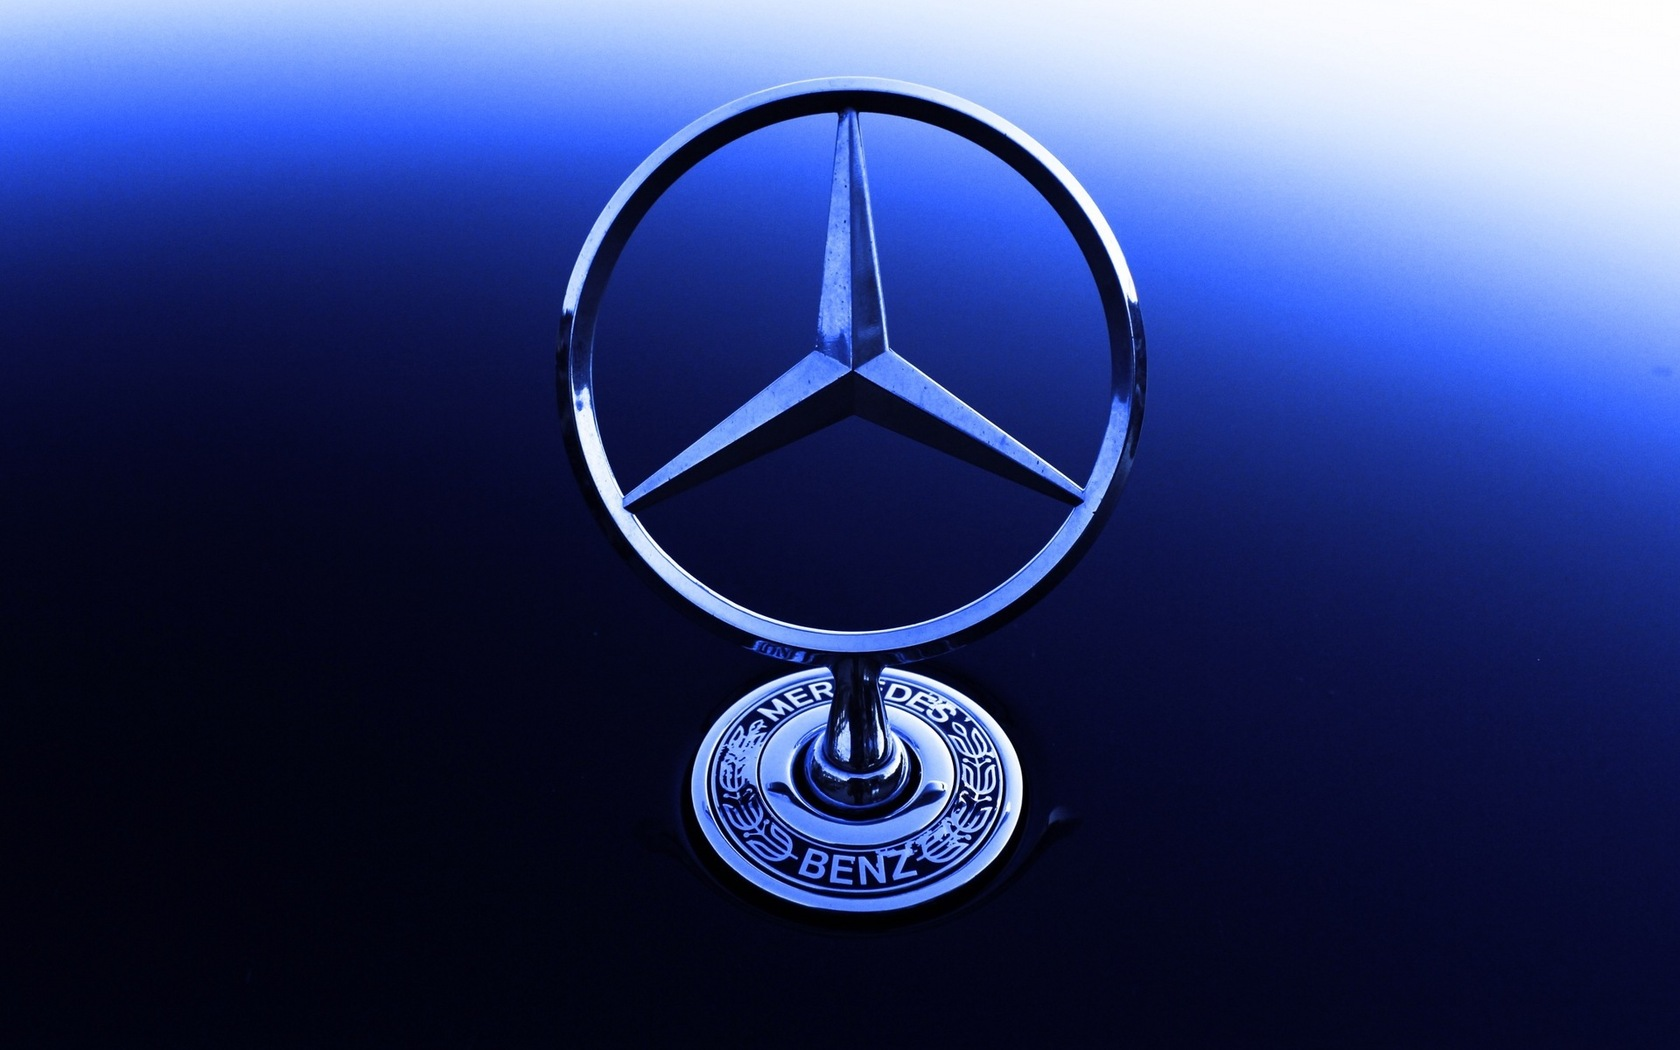 Mercedes Logo wallpaper 1680x1050 70696 WallpaperUP 1680x1050